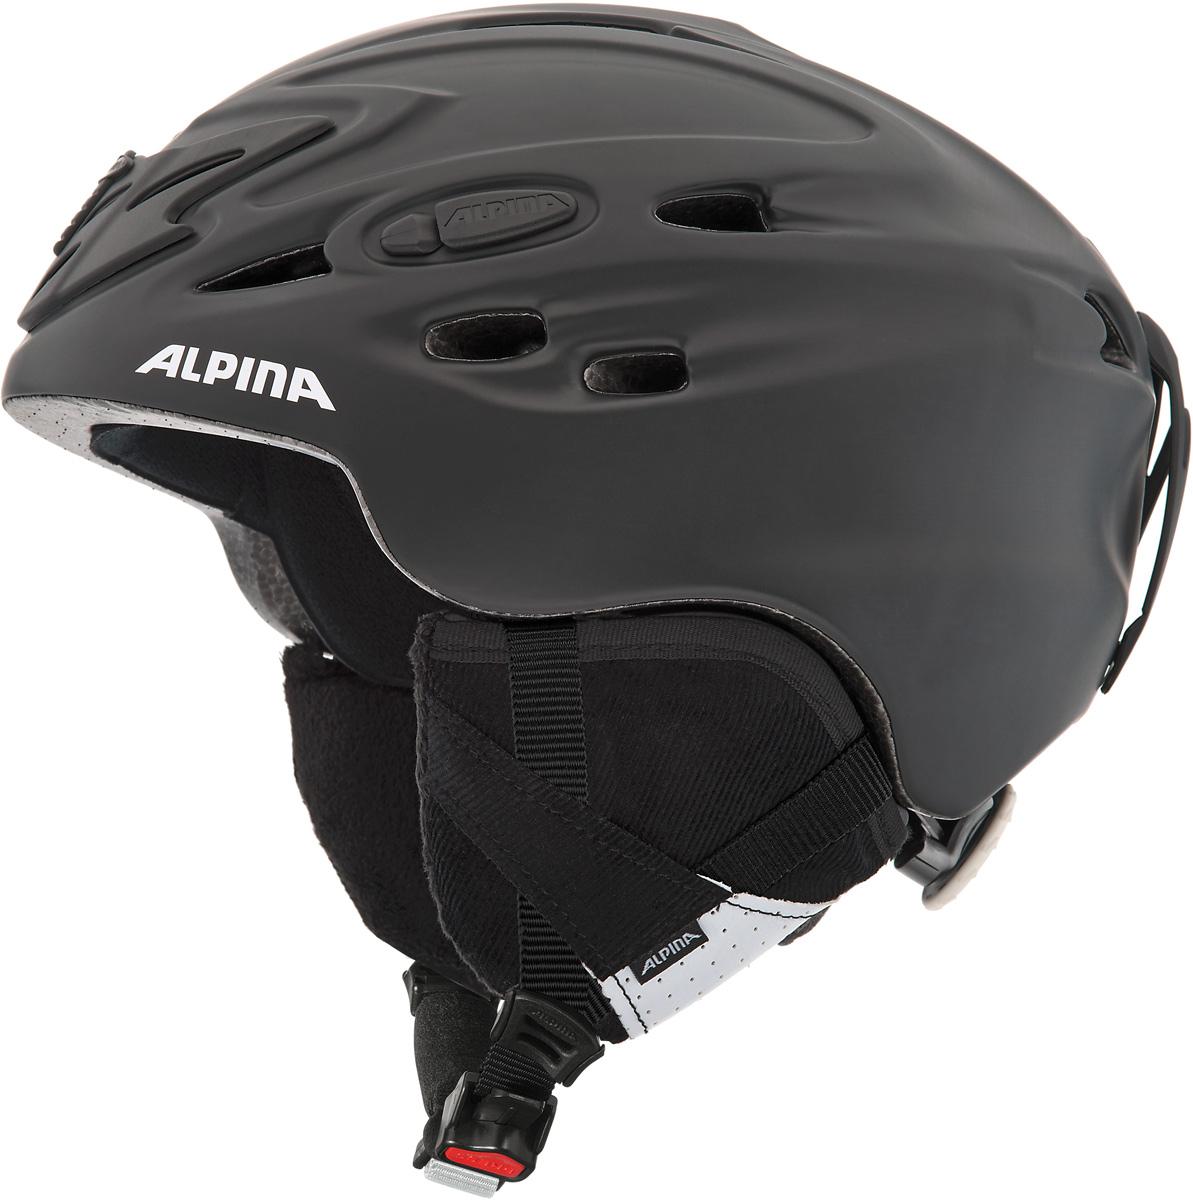 Шлем горнолыжный Alpina Scara, цвет: черный. A9017_69. Размер 58-61A9017_69Модель создана специально для тех, кто не хочет идти на компромисс между технологиями и стилем.Исключительно устойчивый и легкий. Благодаря эффективной системы вентиляции между внутренней и внешней оболочкой микроклимат под шлемом всегда прохладный. Вынимаемая внутренняя подкладка шлема, которую можно стирать. Размеры: 52-61 см. Модель с глянцевым покрытием.(Модели с буквами L.E. в названии имеют матовое покрытие. Модели без пометки - глянцевое покрытие.) Технологии:INMOLD TEC – технология соединения внутренней и внешней части шлема при помощи высокой температуры. Данный метод делает соединение исключительно прочным, а сам шлем легким. Такой метод соединения гораздо надежнее и безопаснее обычного склеивания.CERAMIC – особая технология производства внешней оболочки шлема. Используются легковесные материалы экстремально прочные и устойчивые к царапинам. Возможно использование при сильном УФ изучении, так же поверхность имеет антистатическое покрытие.RUN SYSTEM – простая система настройки шлема, позволяющая добиться надежной фиксации.AIRSTREAM CONTROL – регулируемые воздушные клапана для полного контроля внутренней вентиляции. REMOVABLE EARPADS - съемные амбушюры добавляют чувства свободы во время катания в теплую погоду, не в ущерб безопасности. При падении температуры, амбушюры легко устанавливаются обратно на шлем.CHANGEABLE INTERIOR – съемная внутренняя часть. Допускается стирка в теплой мыльной воде.NECKWARMER – дополнительное утепление шеи. Изготовлено из мягкого флиса.